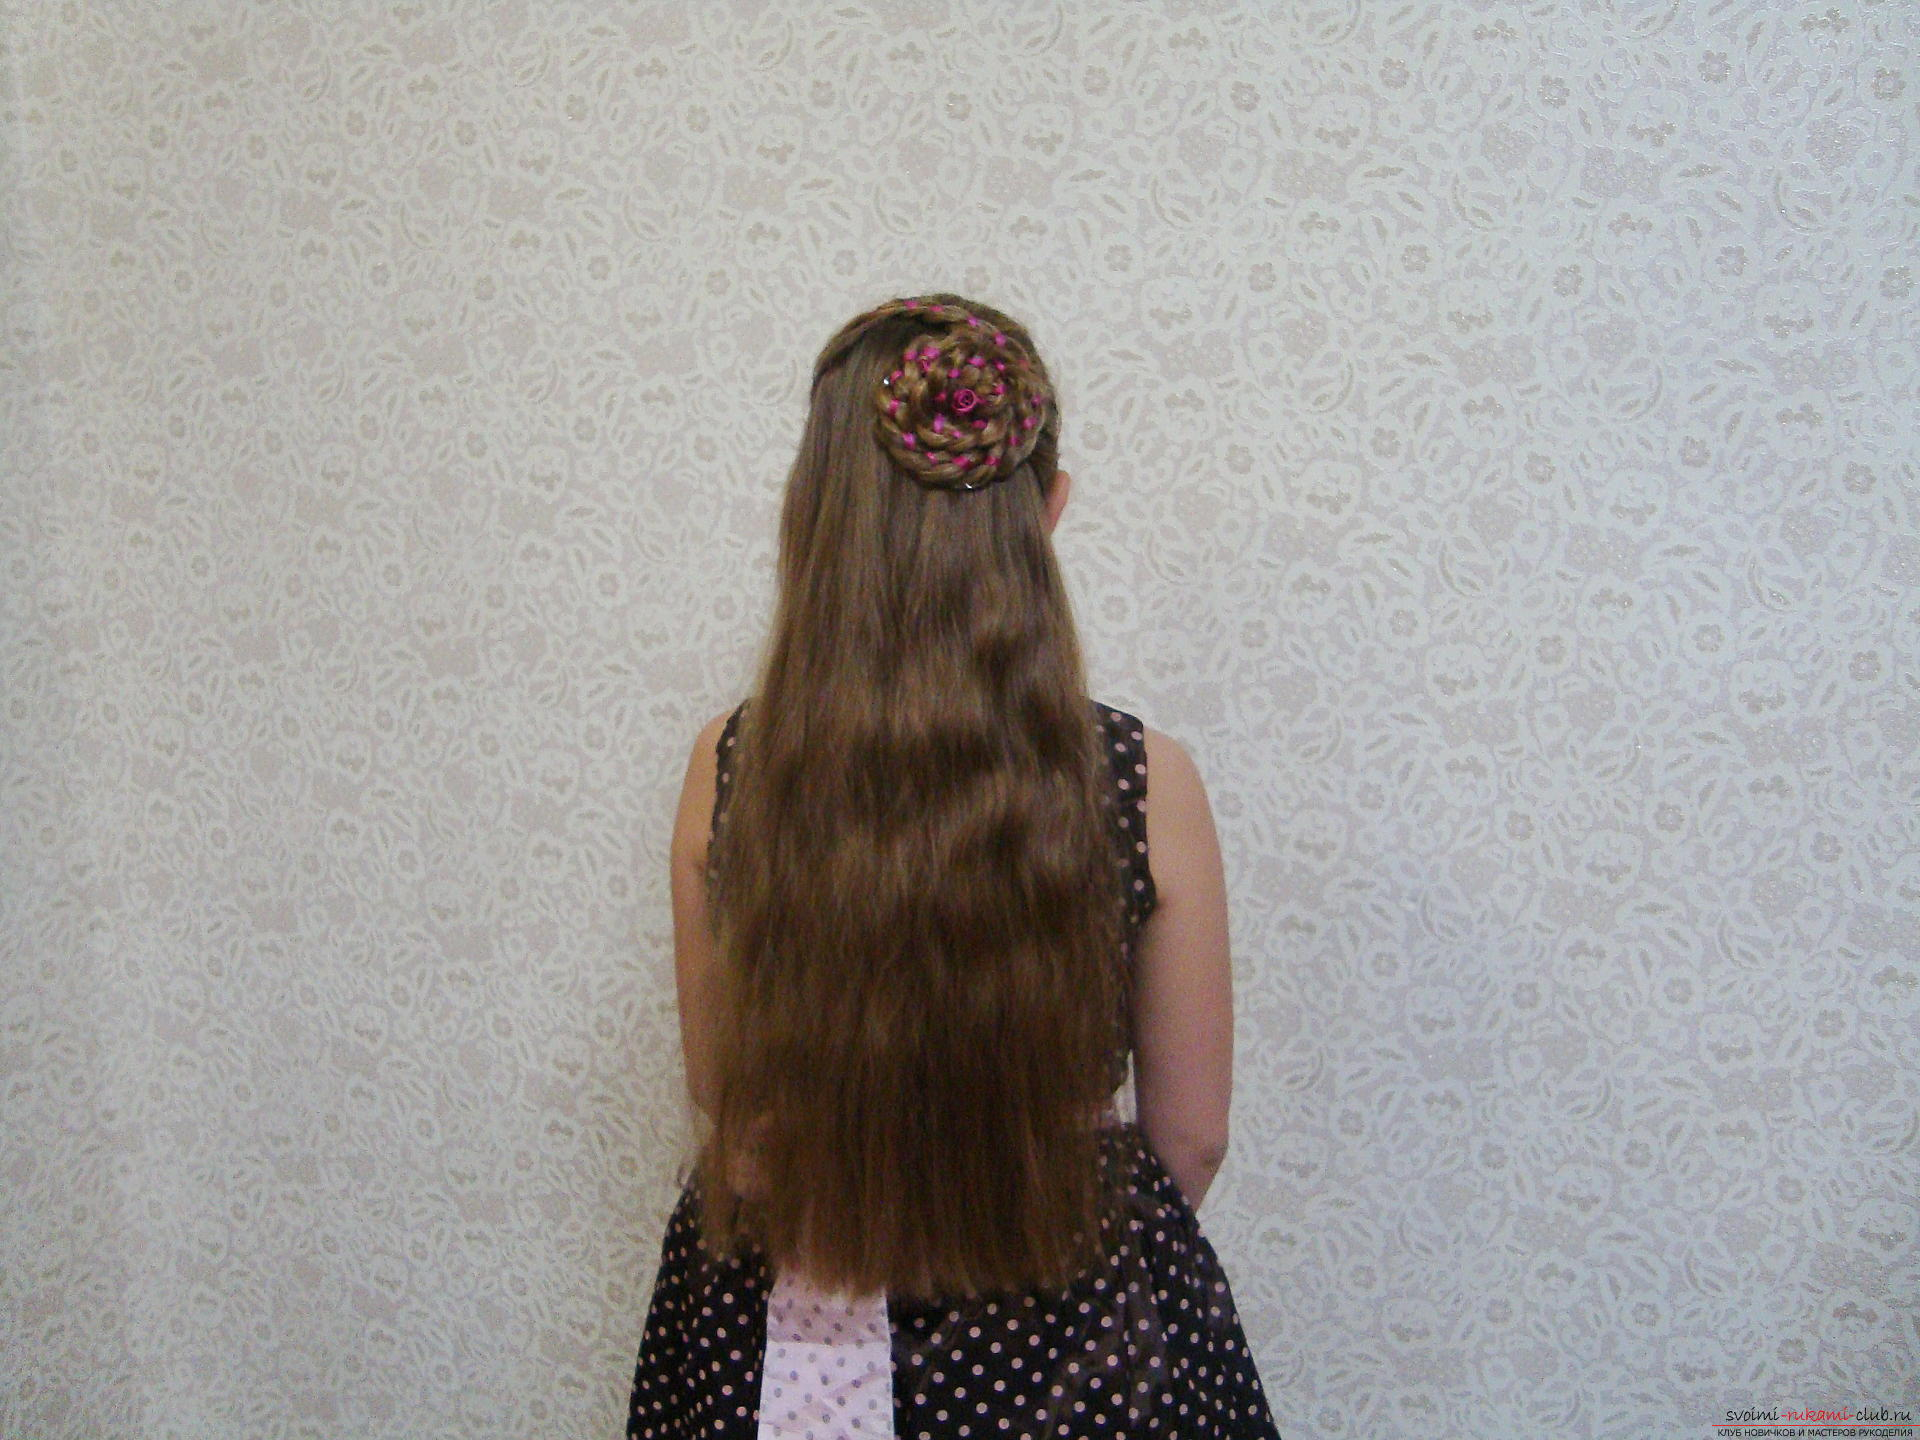 Подробная инструкция с фото и видео поможет создать красивую прическу дома. Используя мастер-класс по прически можно своими руками создать удивительный образ для праздника.</p> </div> <p> Коса, уложенная в цветок, сделает прическу на длинных волосах самой красивой.. Фото №2″/></p> <p>Начинаем процесс создания прически с того, что расчесываем вертикально все пряди по длине, при этом масса волос должна рассыпаться по спине.</p> <p> Предварительно вымойте волосы и просушите их тщательно.</p> <p><div style=